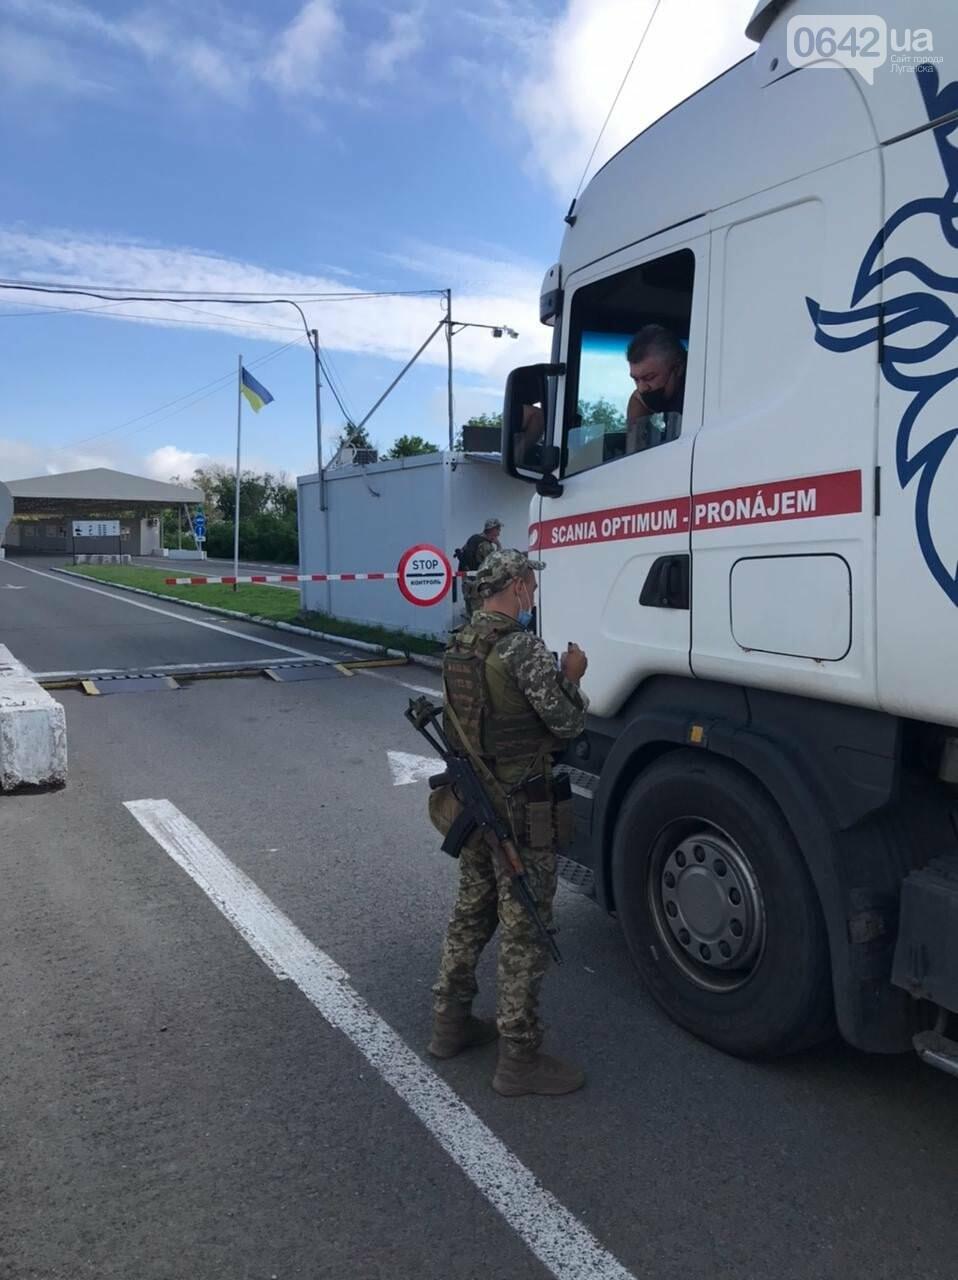 """На оккупированную часть Донецкой и Луганской областей через КПВВ """"Новотроицкое"""" доставлены еще около 12 тонн гуманитарного груза, - ФОТО, фото-1"""